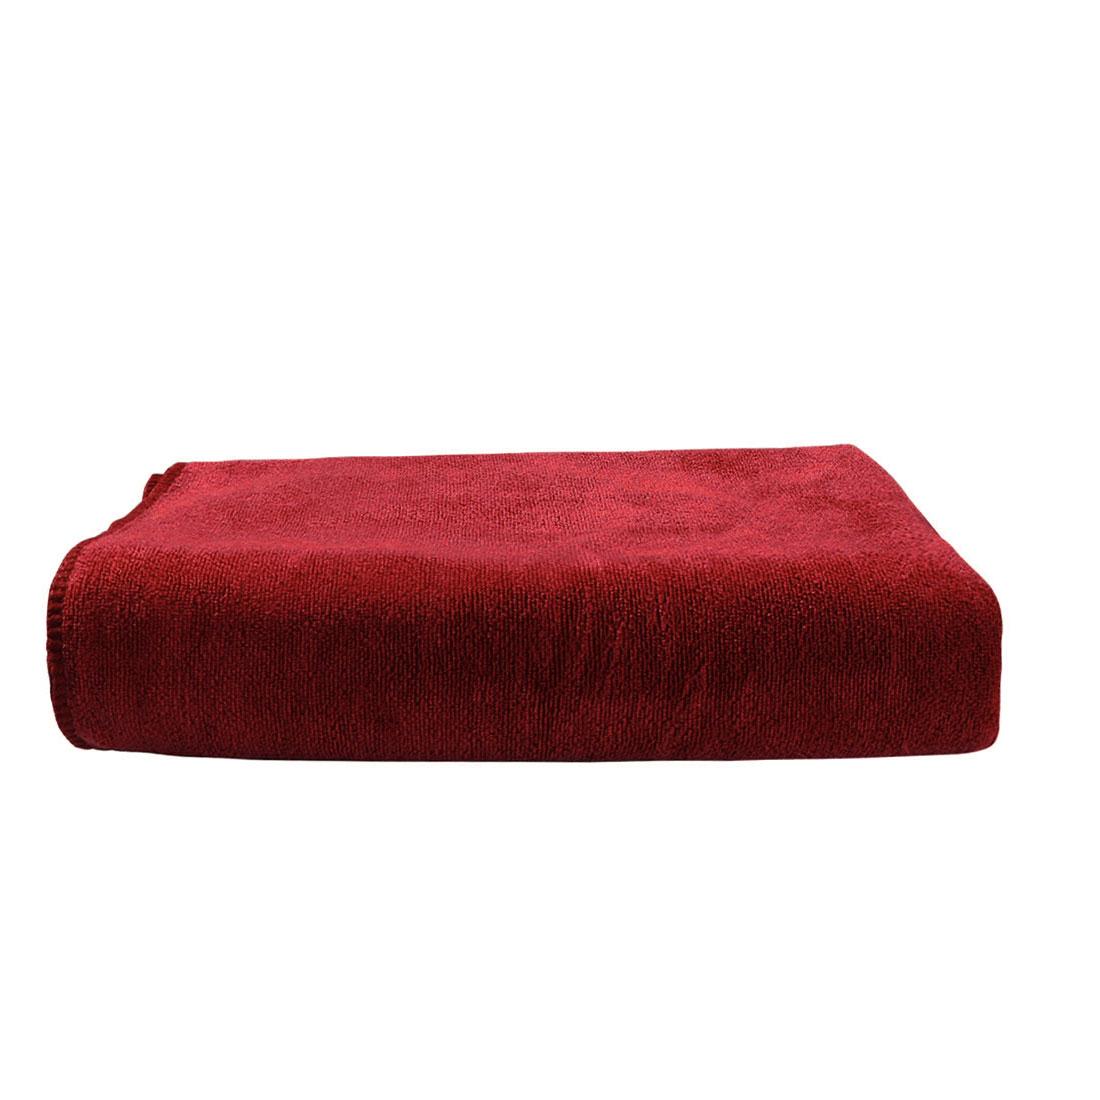 Crimson Soft SPA Bath Beach Towel Washcloth 160 x 70cm